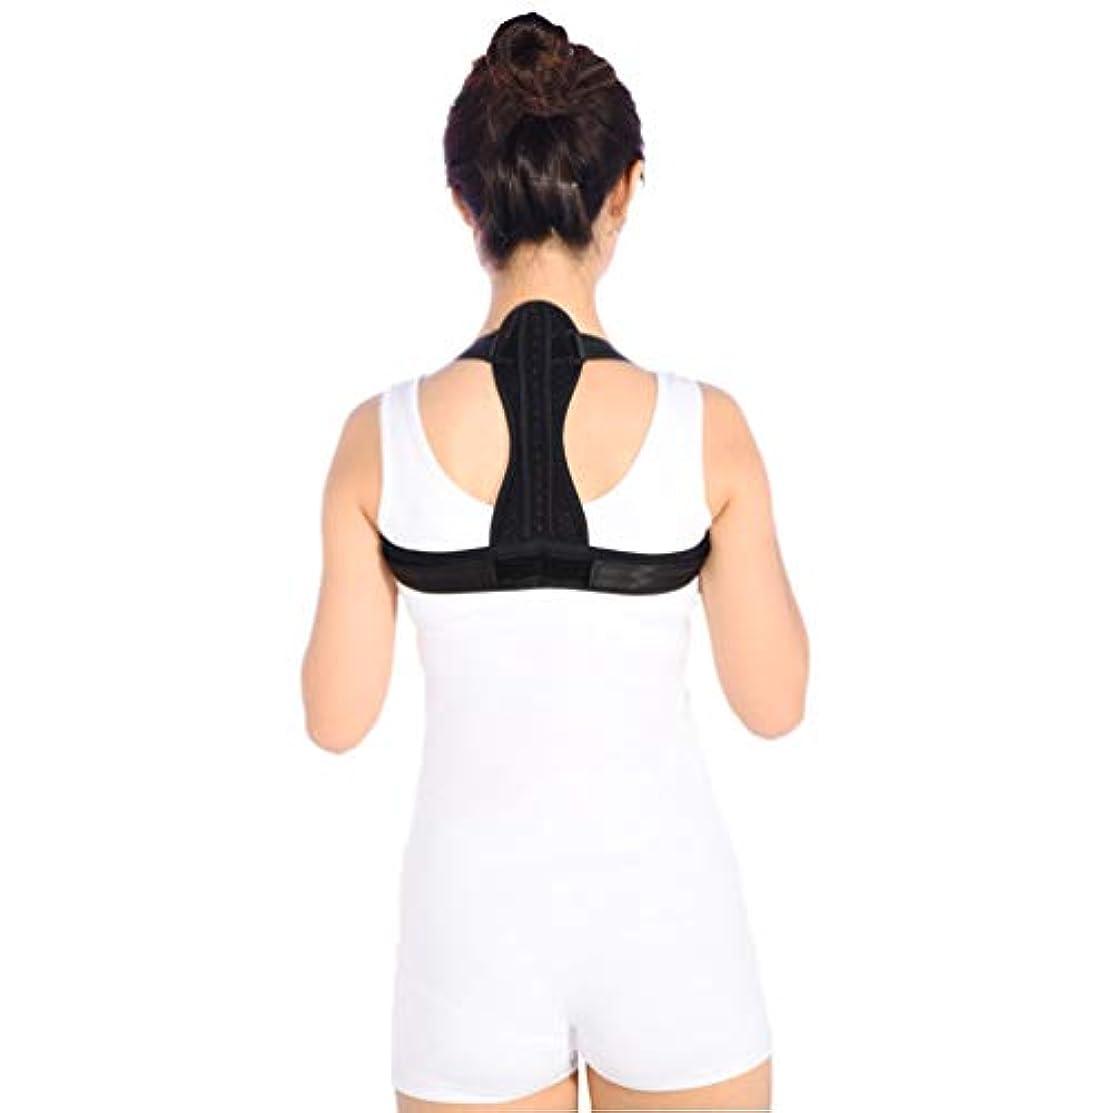 たっぷり食品速度通気性の脊柱側弯症ザトウクジラ補正ベルト調節可能な快適さ目に見えないベルト男性女性大人学生子供 - 黒